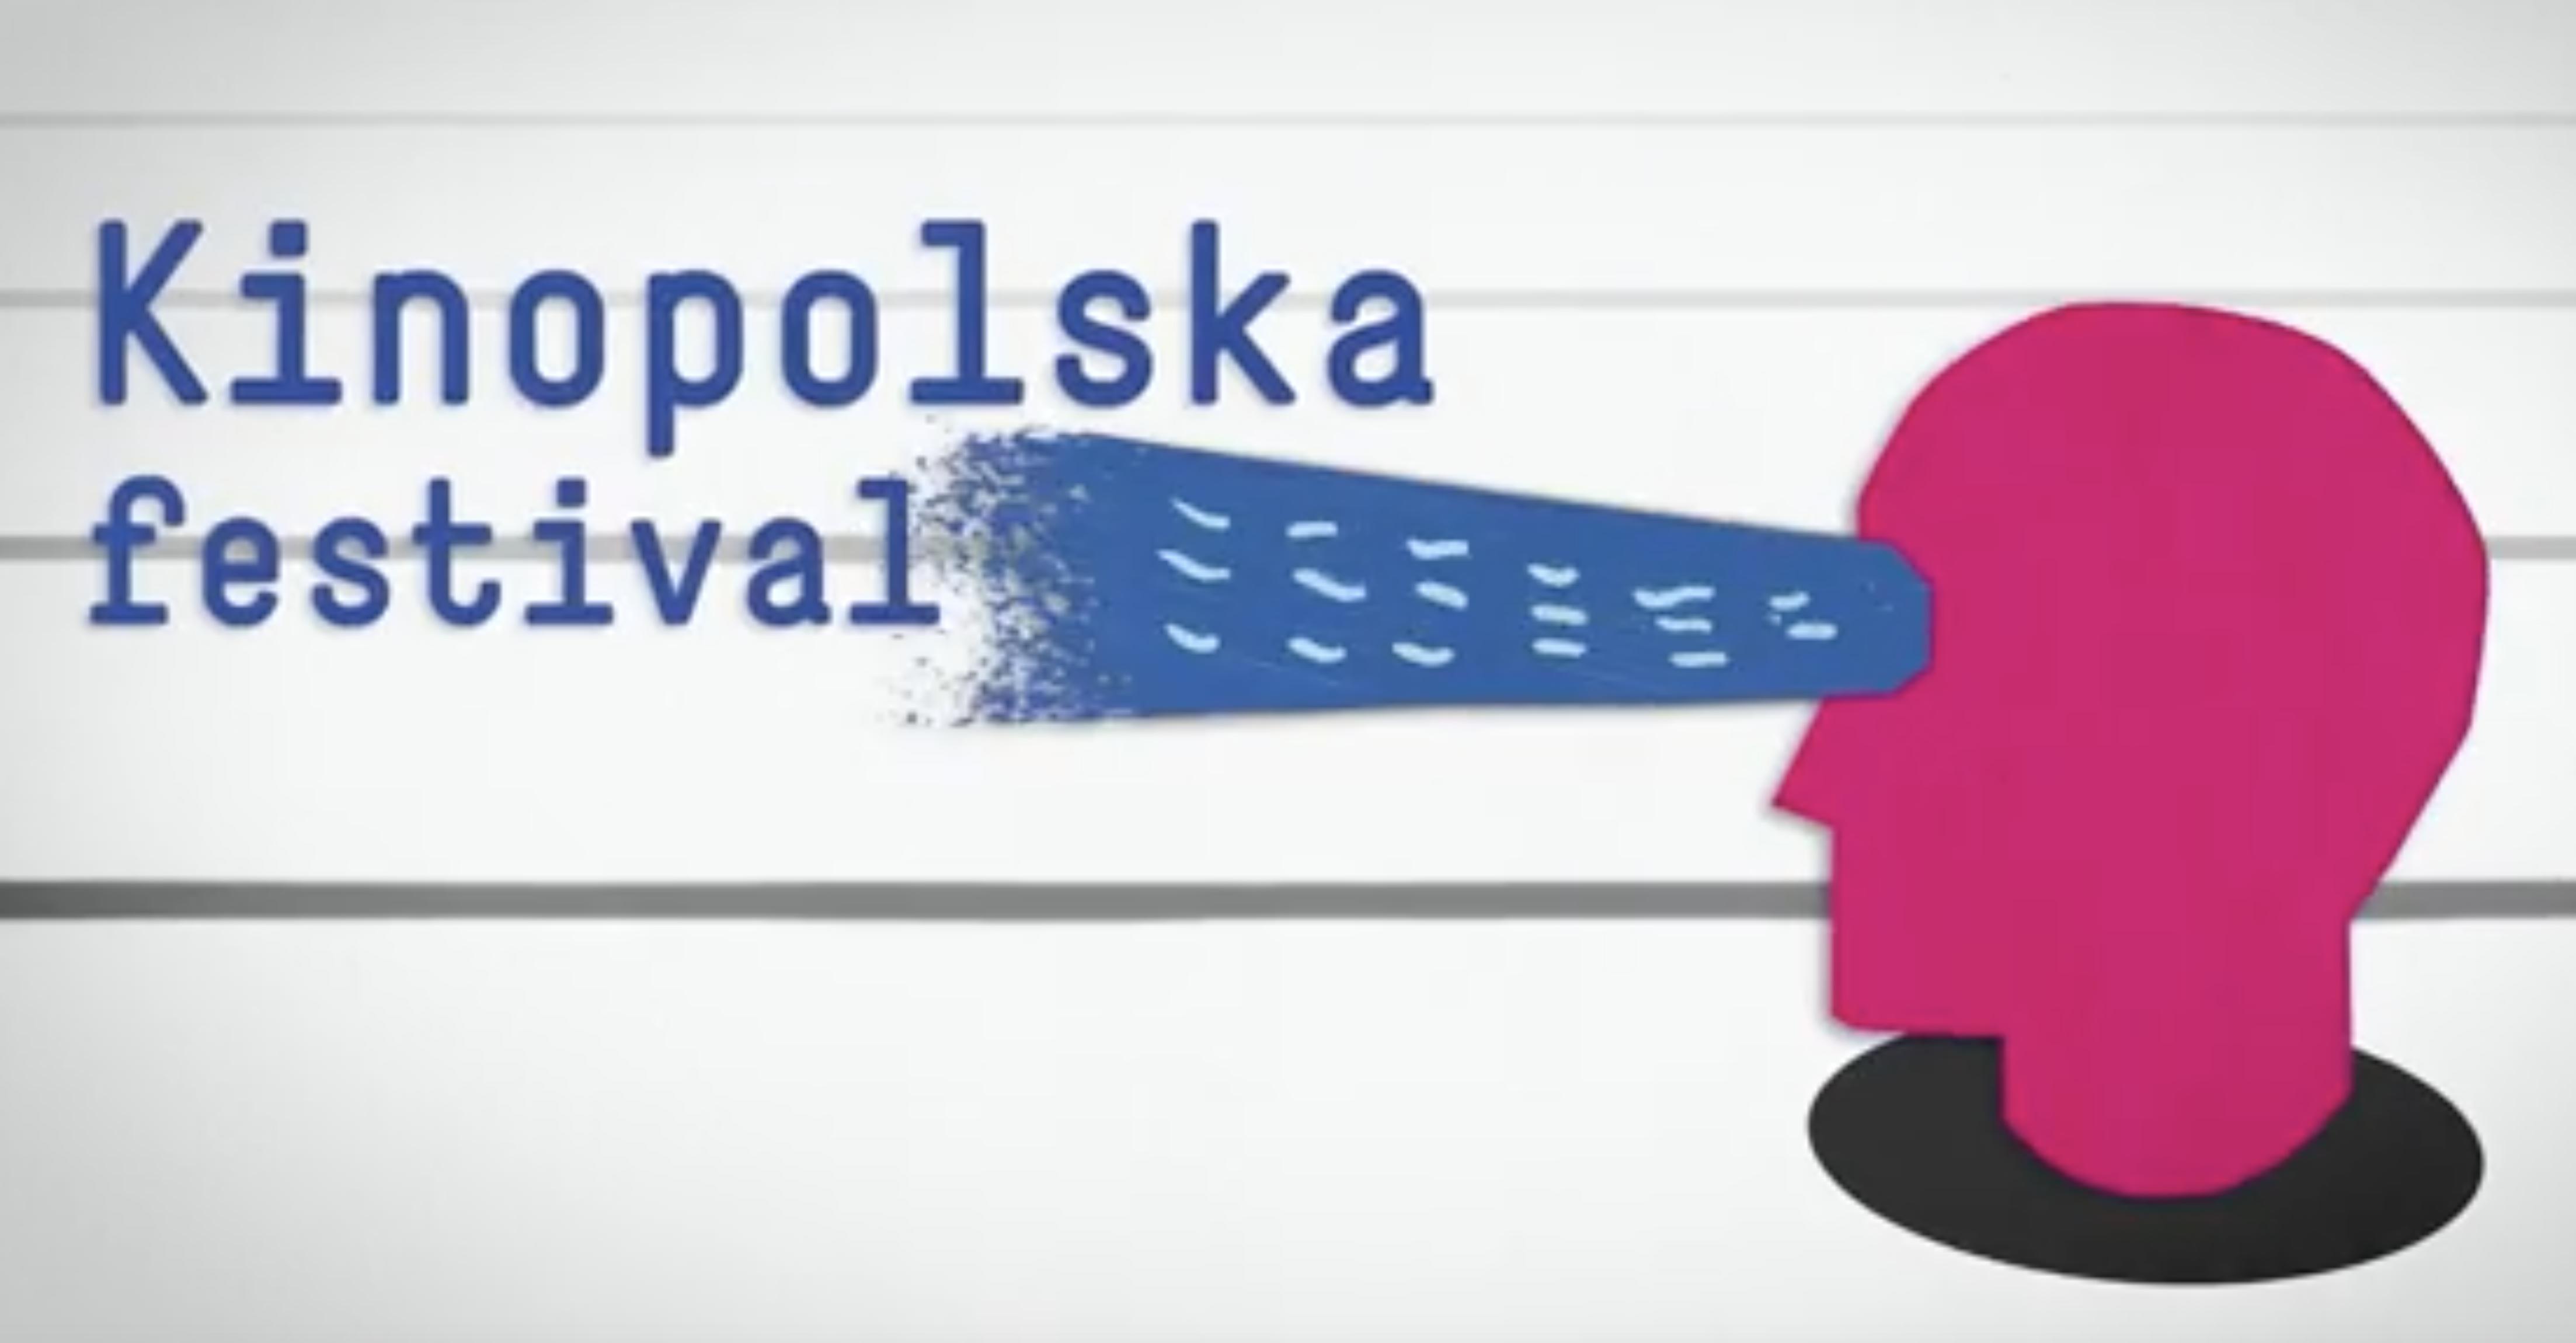 iFrancja rozdaje bilety na otwarcie festiwalu KinoPolska w Paryżu